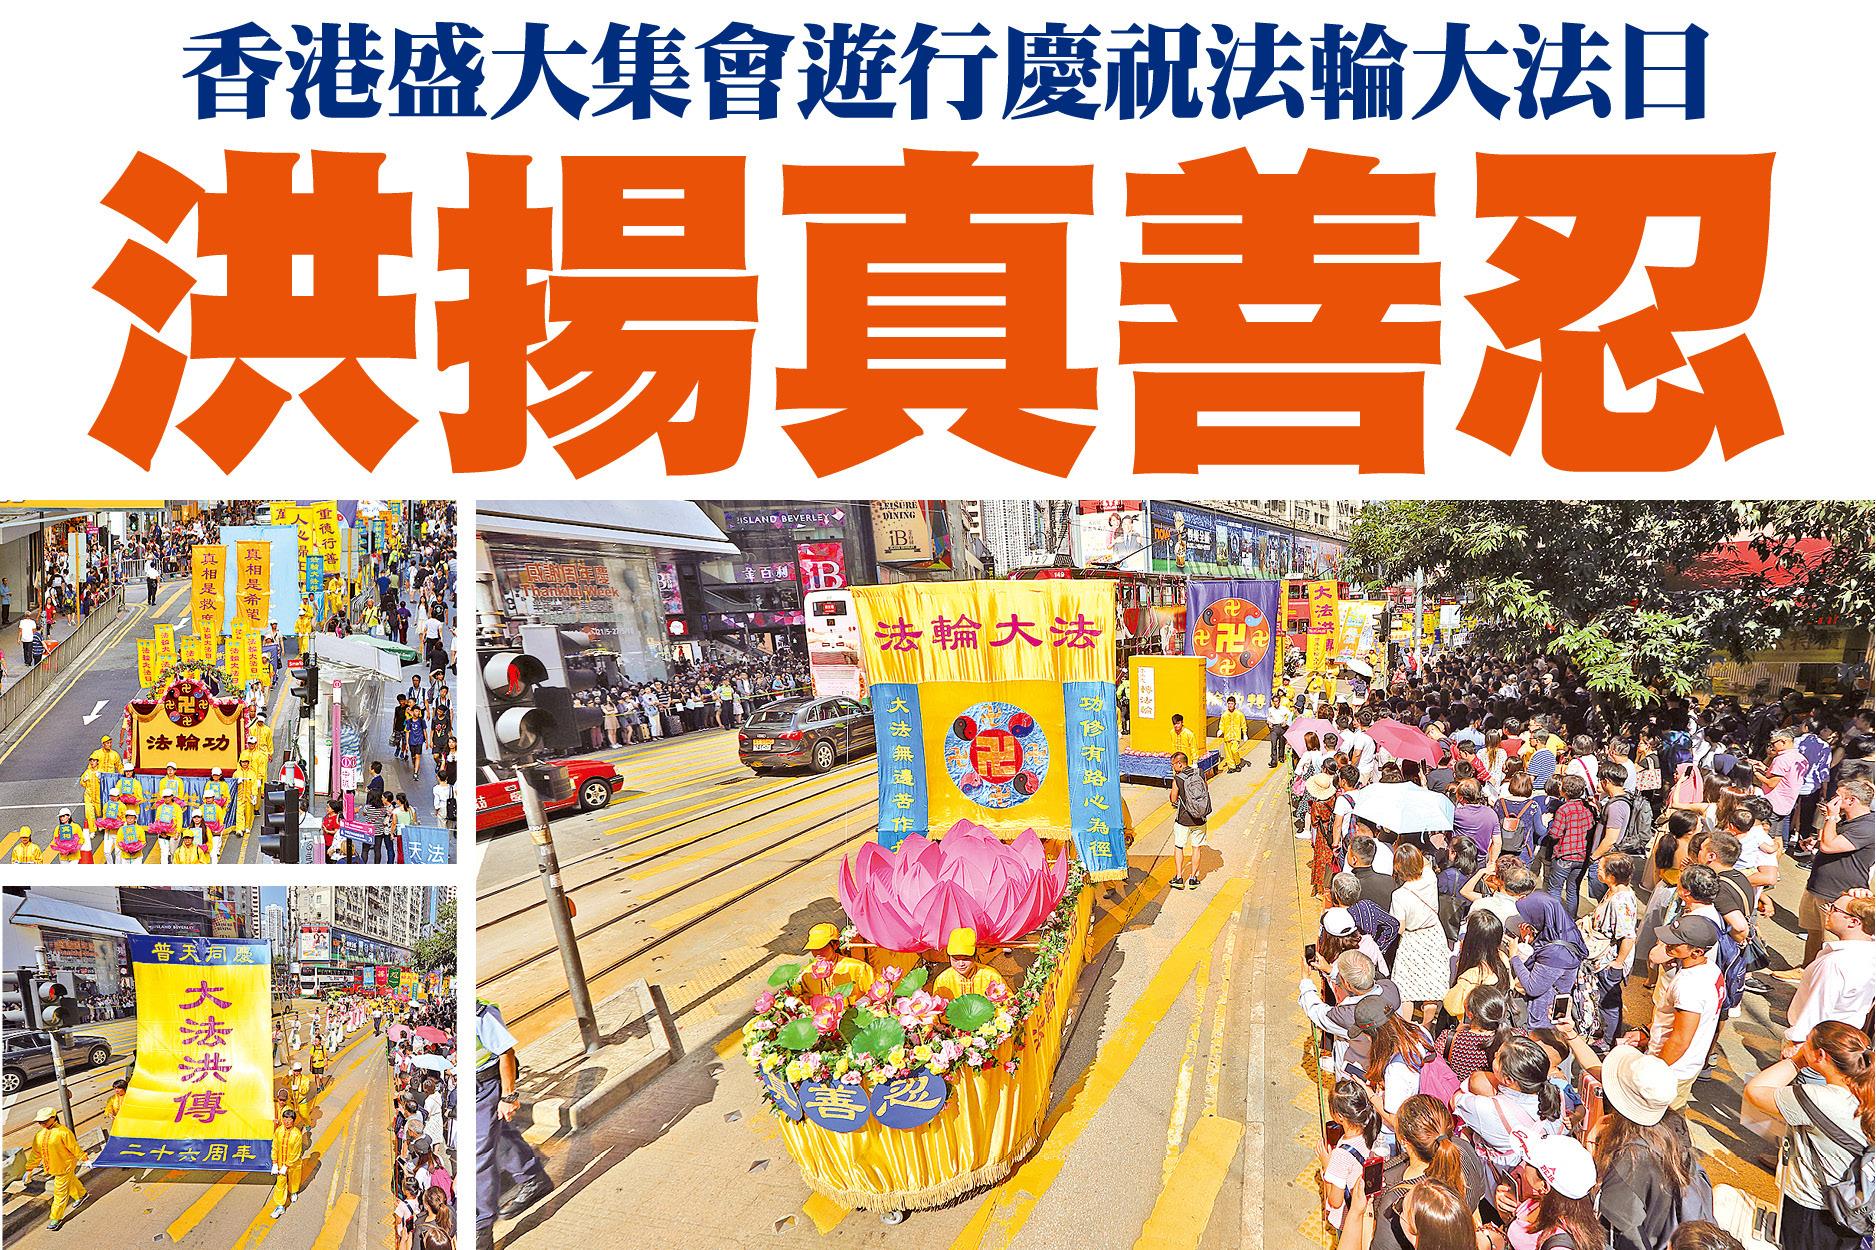 香港盛大集會遊行慶祝法輪大法日  洪揚真善忍